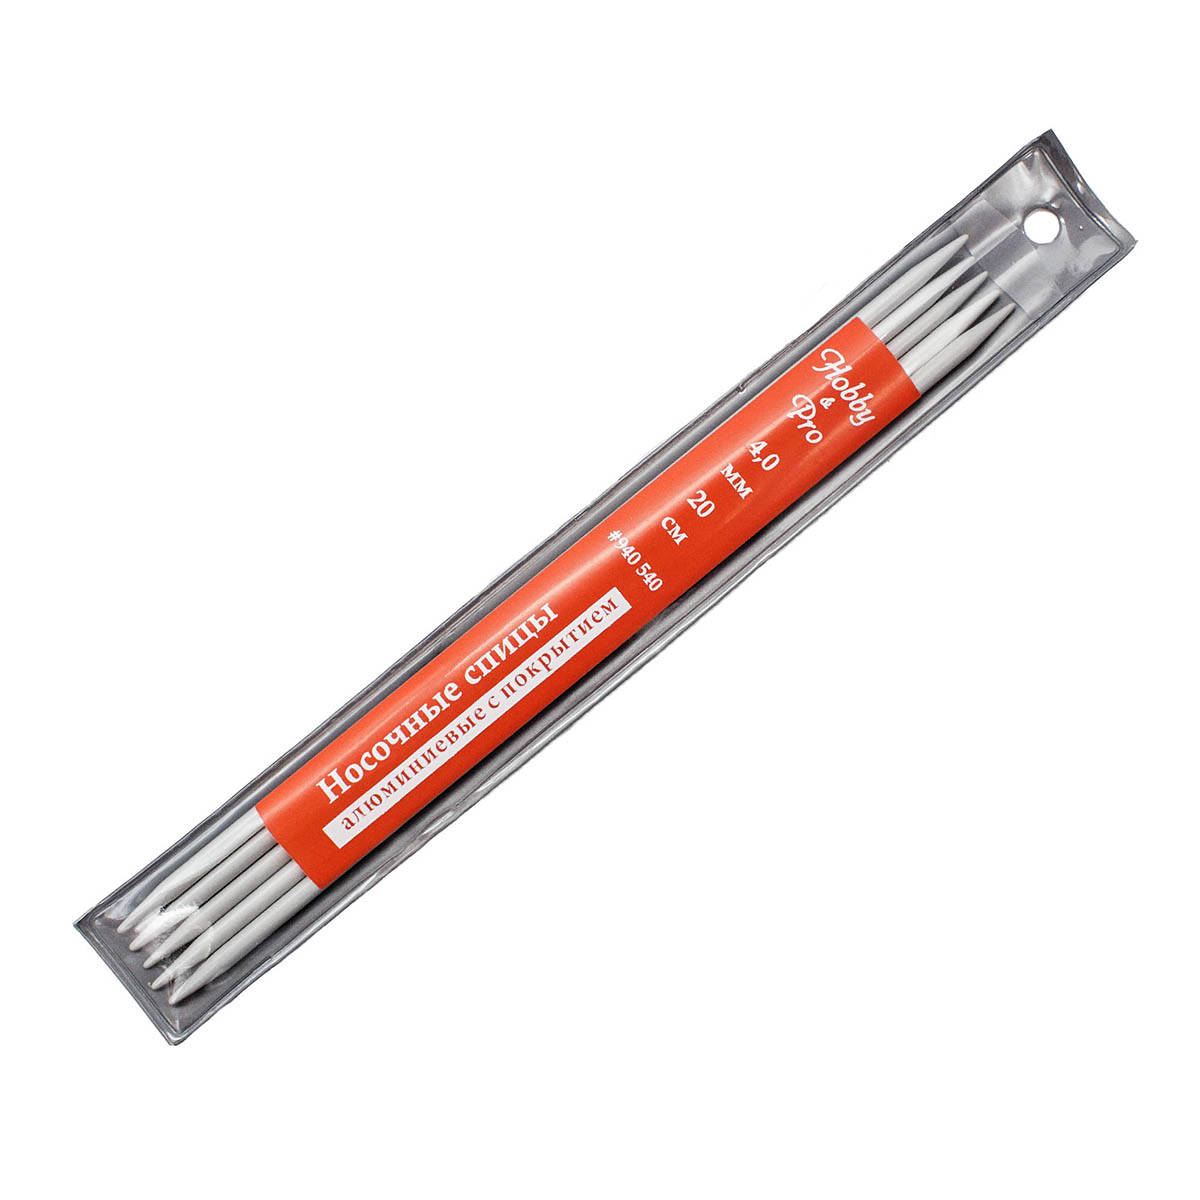 Спицы носочные алюминиевые с покрытием 940540/940504, 20 см, 4,0 мм, Hobby&Pro